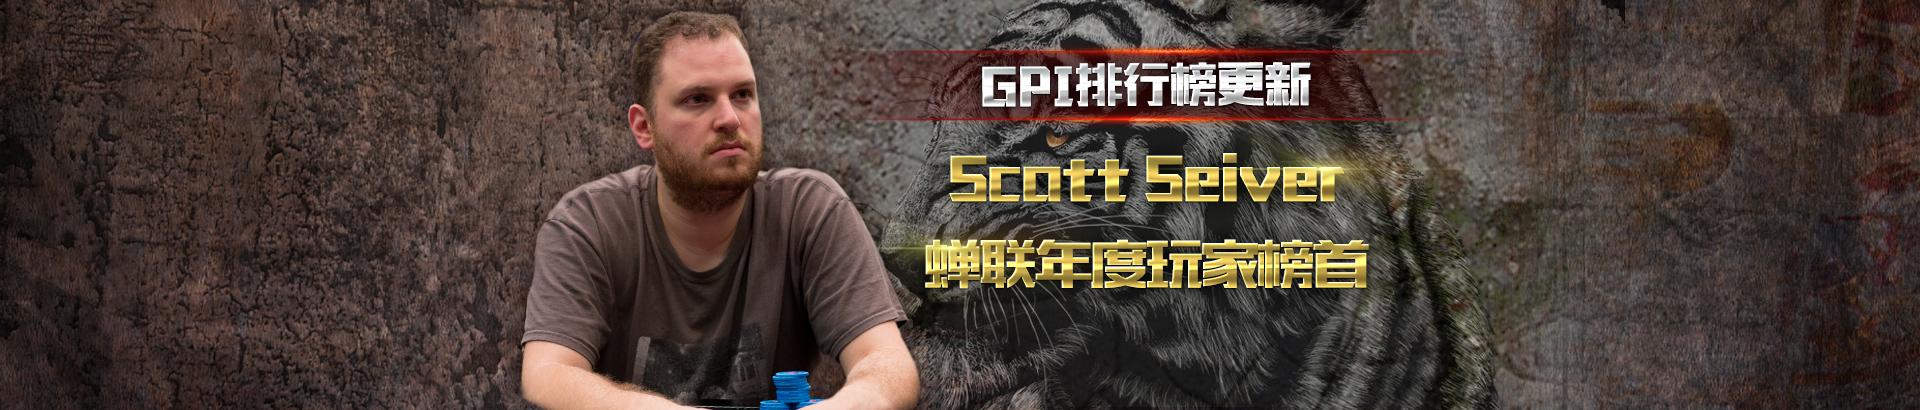 GPI排行榜更新 Scott Seiver蝉联年度玩家榜首